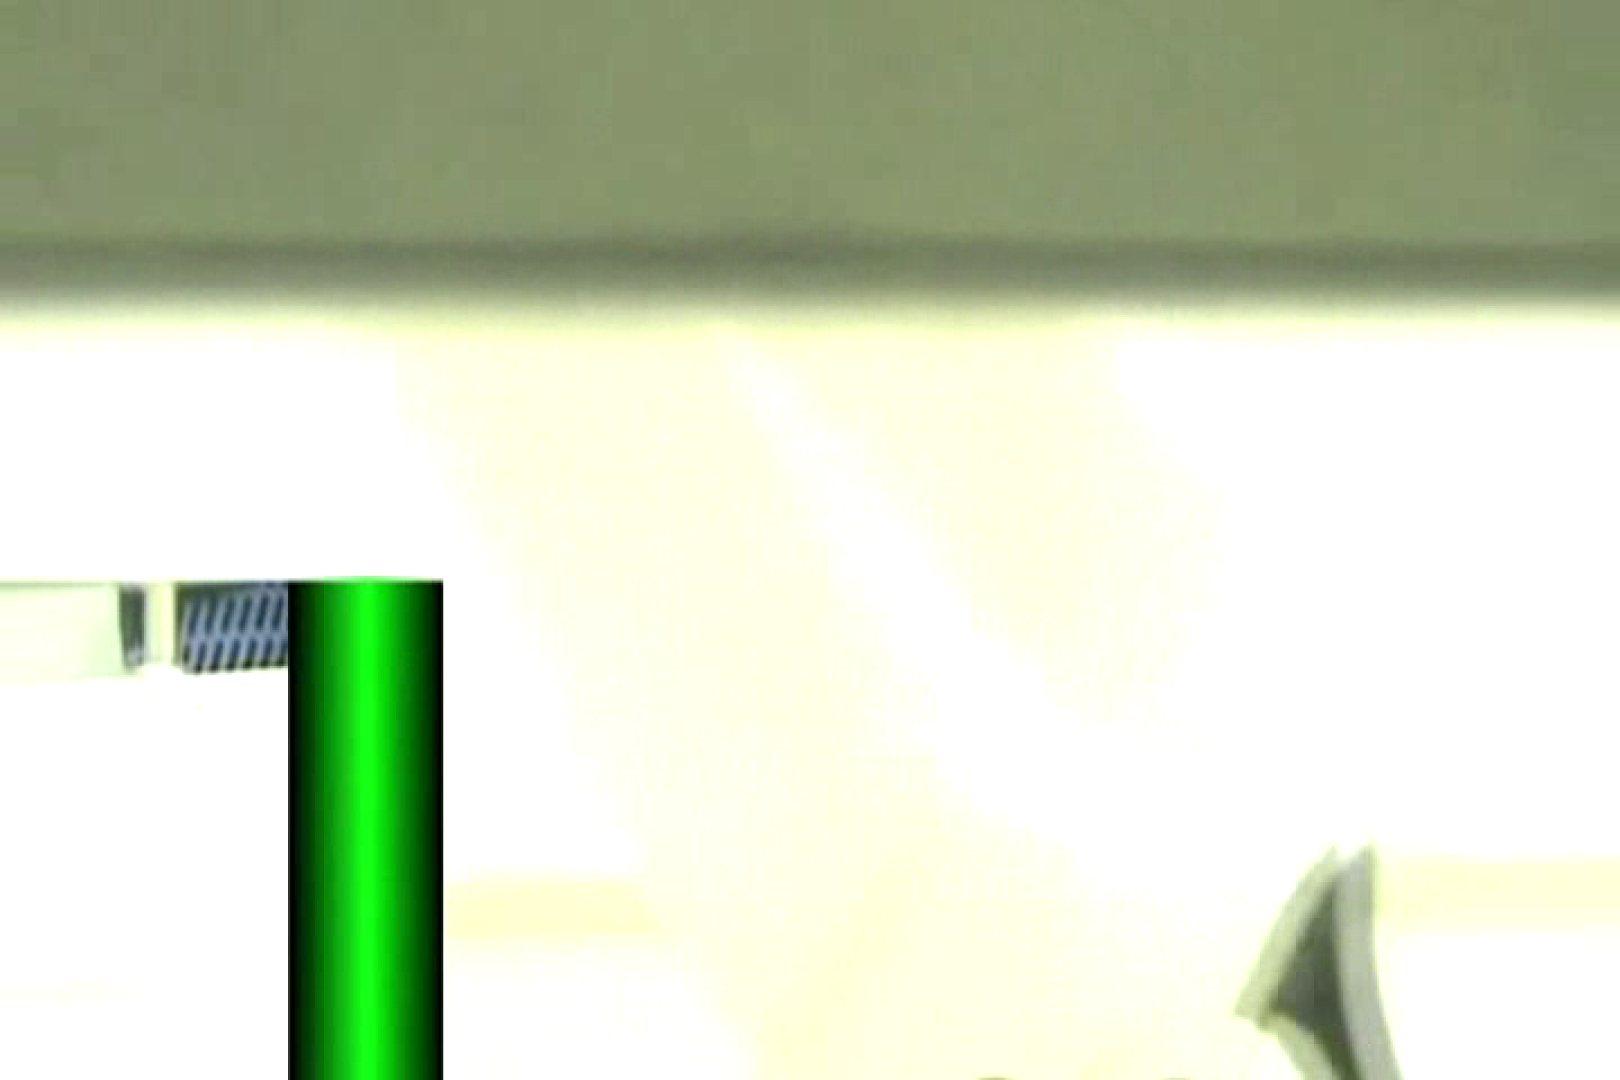 ぼっとん洗面所スペシャルVol.2 おまんこ オマンコ動画キャプチャ 106pic 99